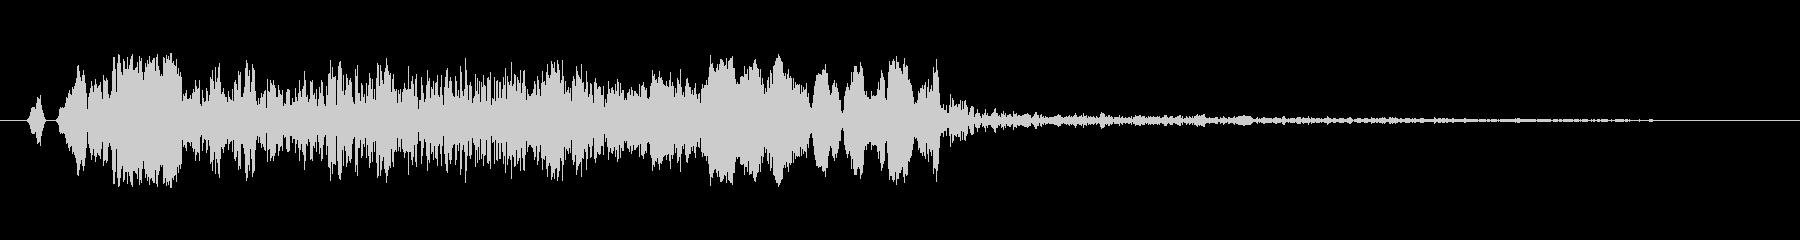 【鷹】とてもリアルな鷹、たかの鳴き声4!の未再生の波形